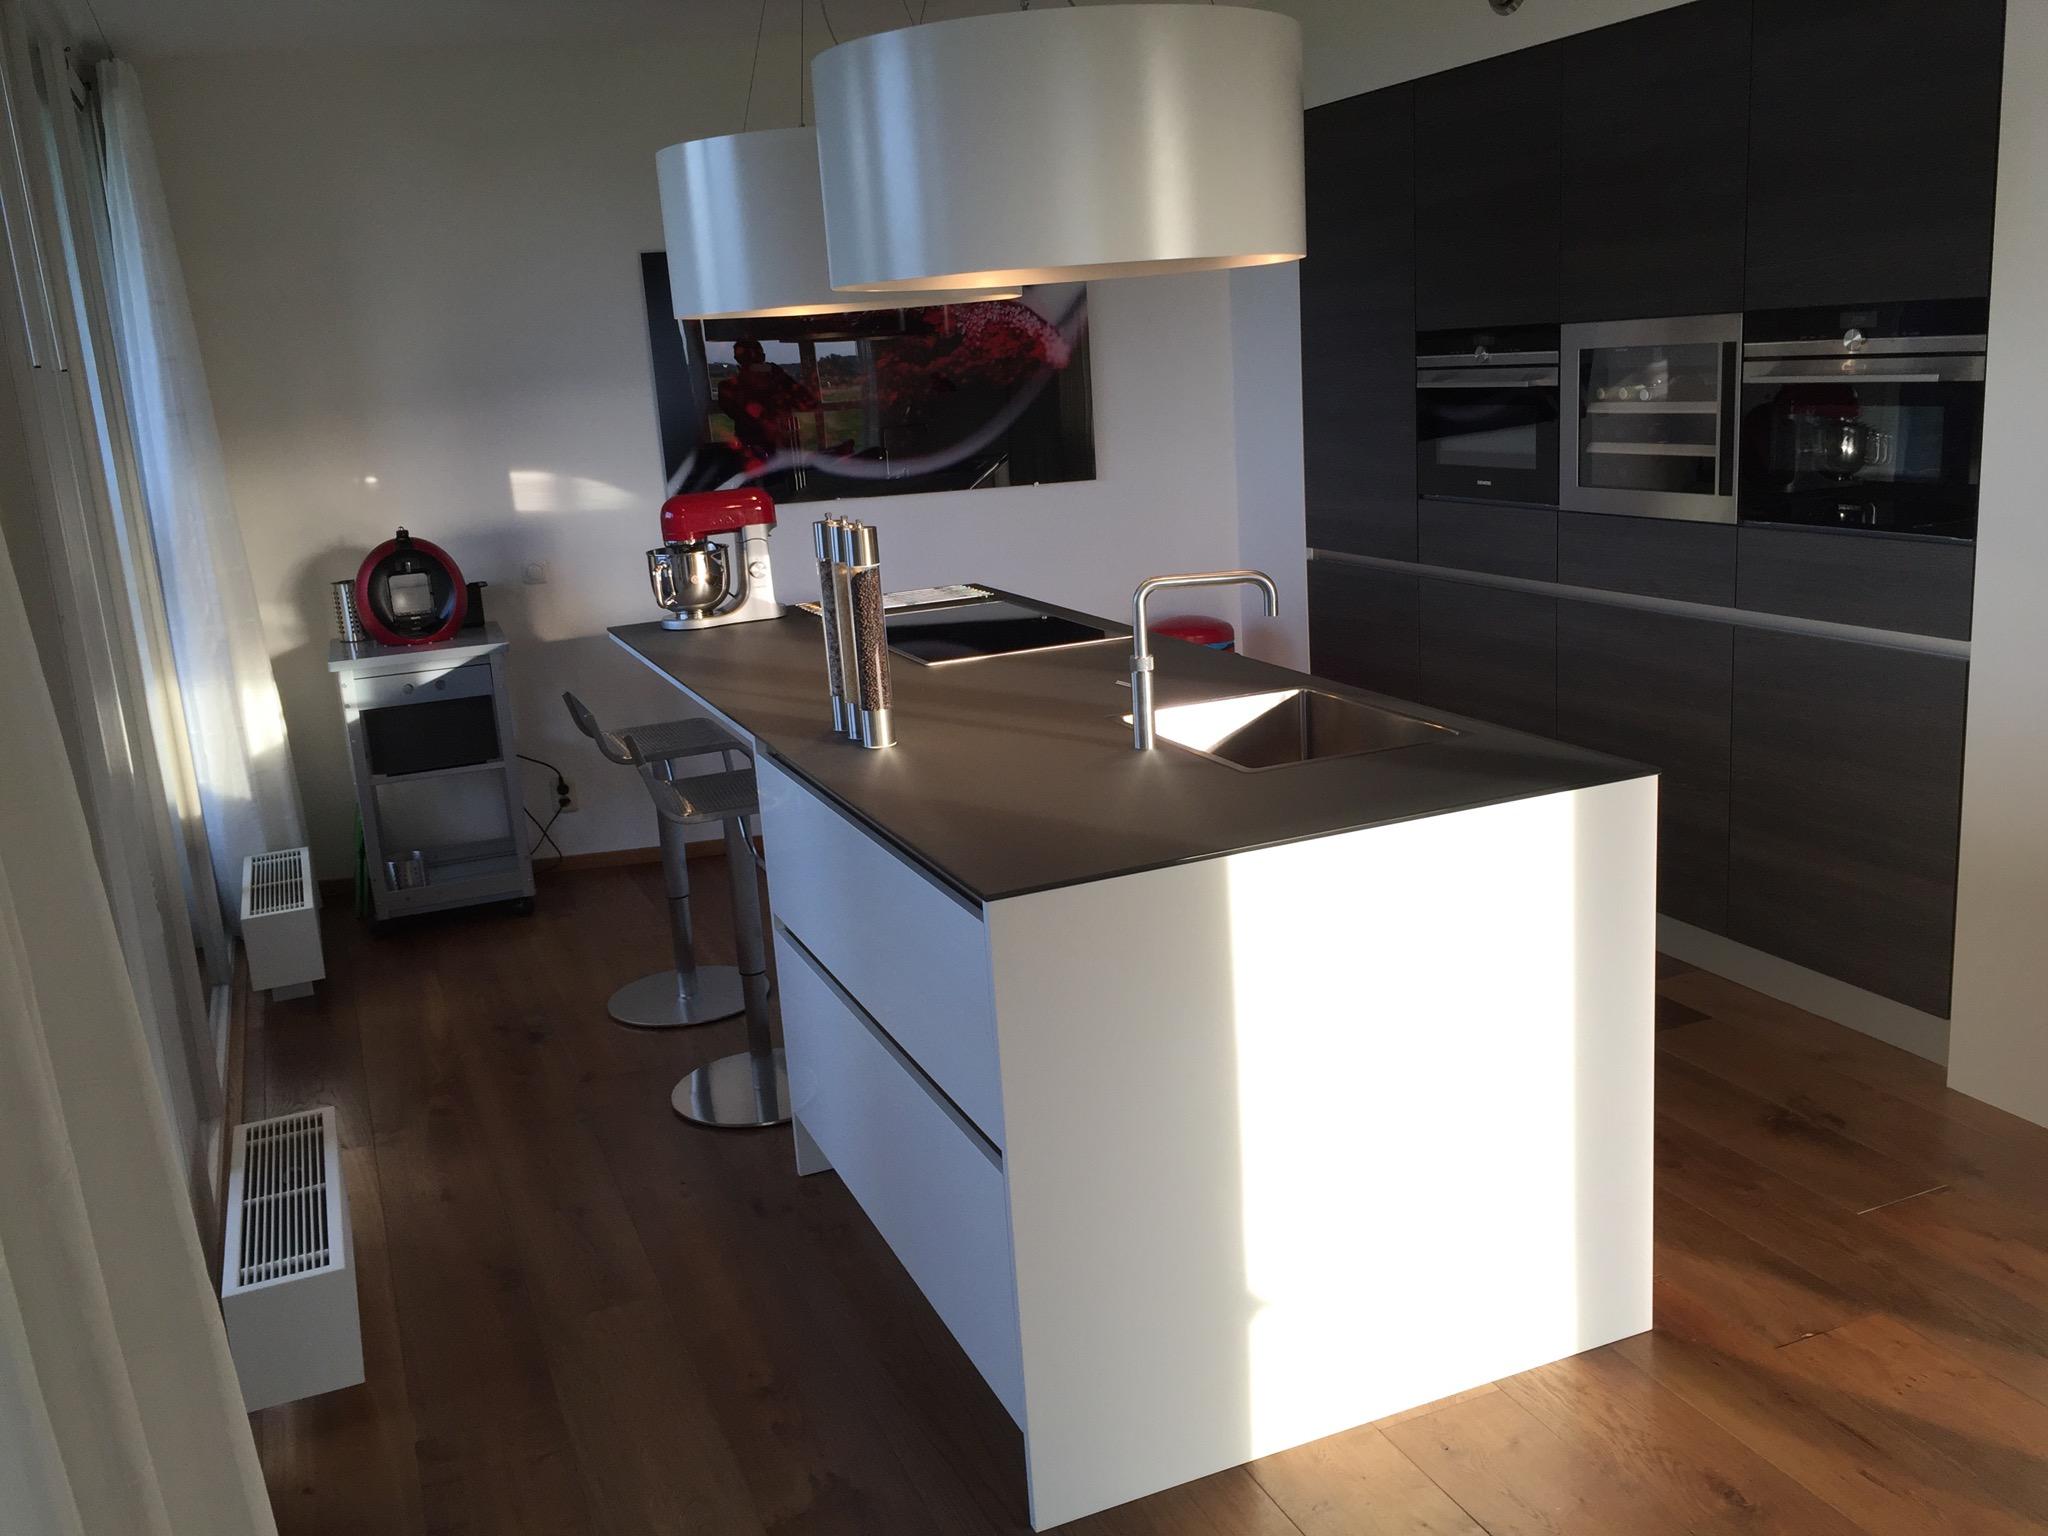 Top Design Keukens : Ervaringen van onze klanten kuys keukens klik hierkuys keukens